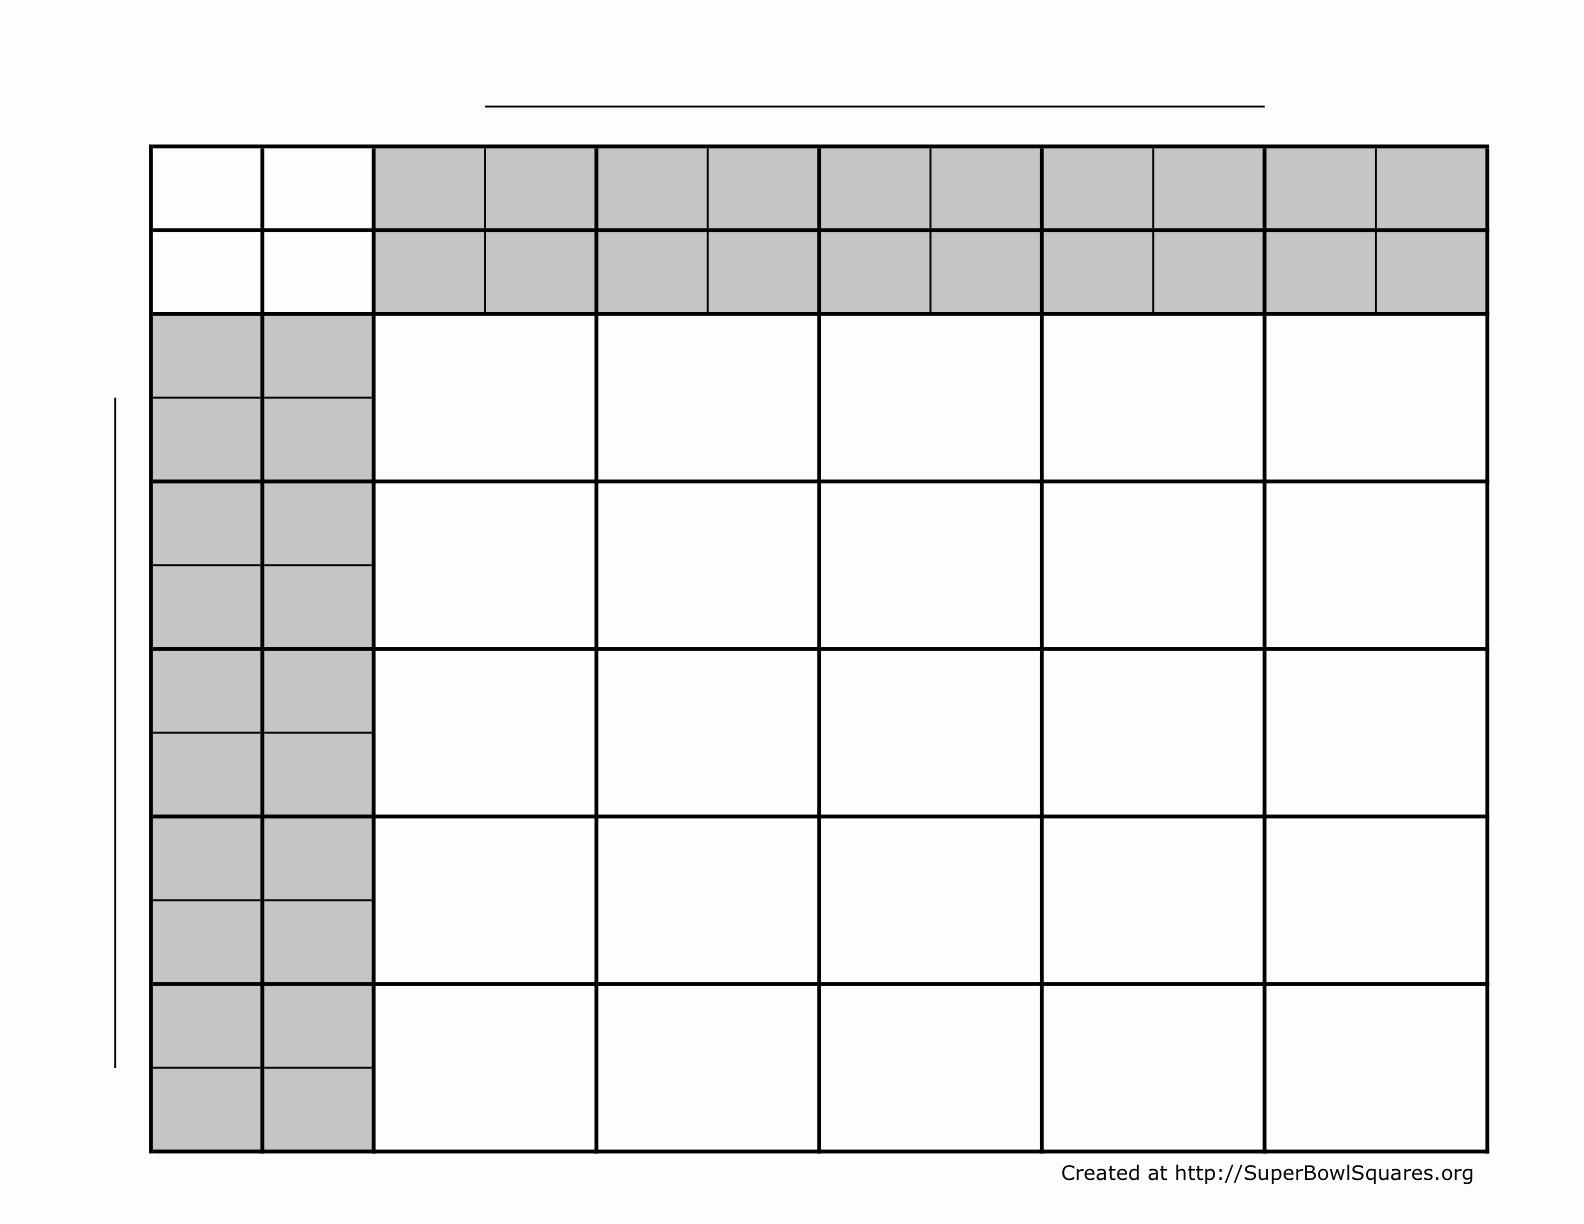 Nfl Week 6 Spreadsheet Intended For Nfl Pick Em Sheet